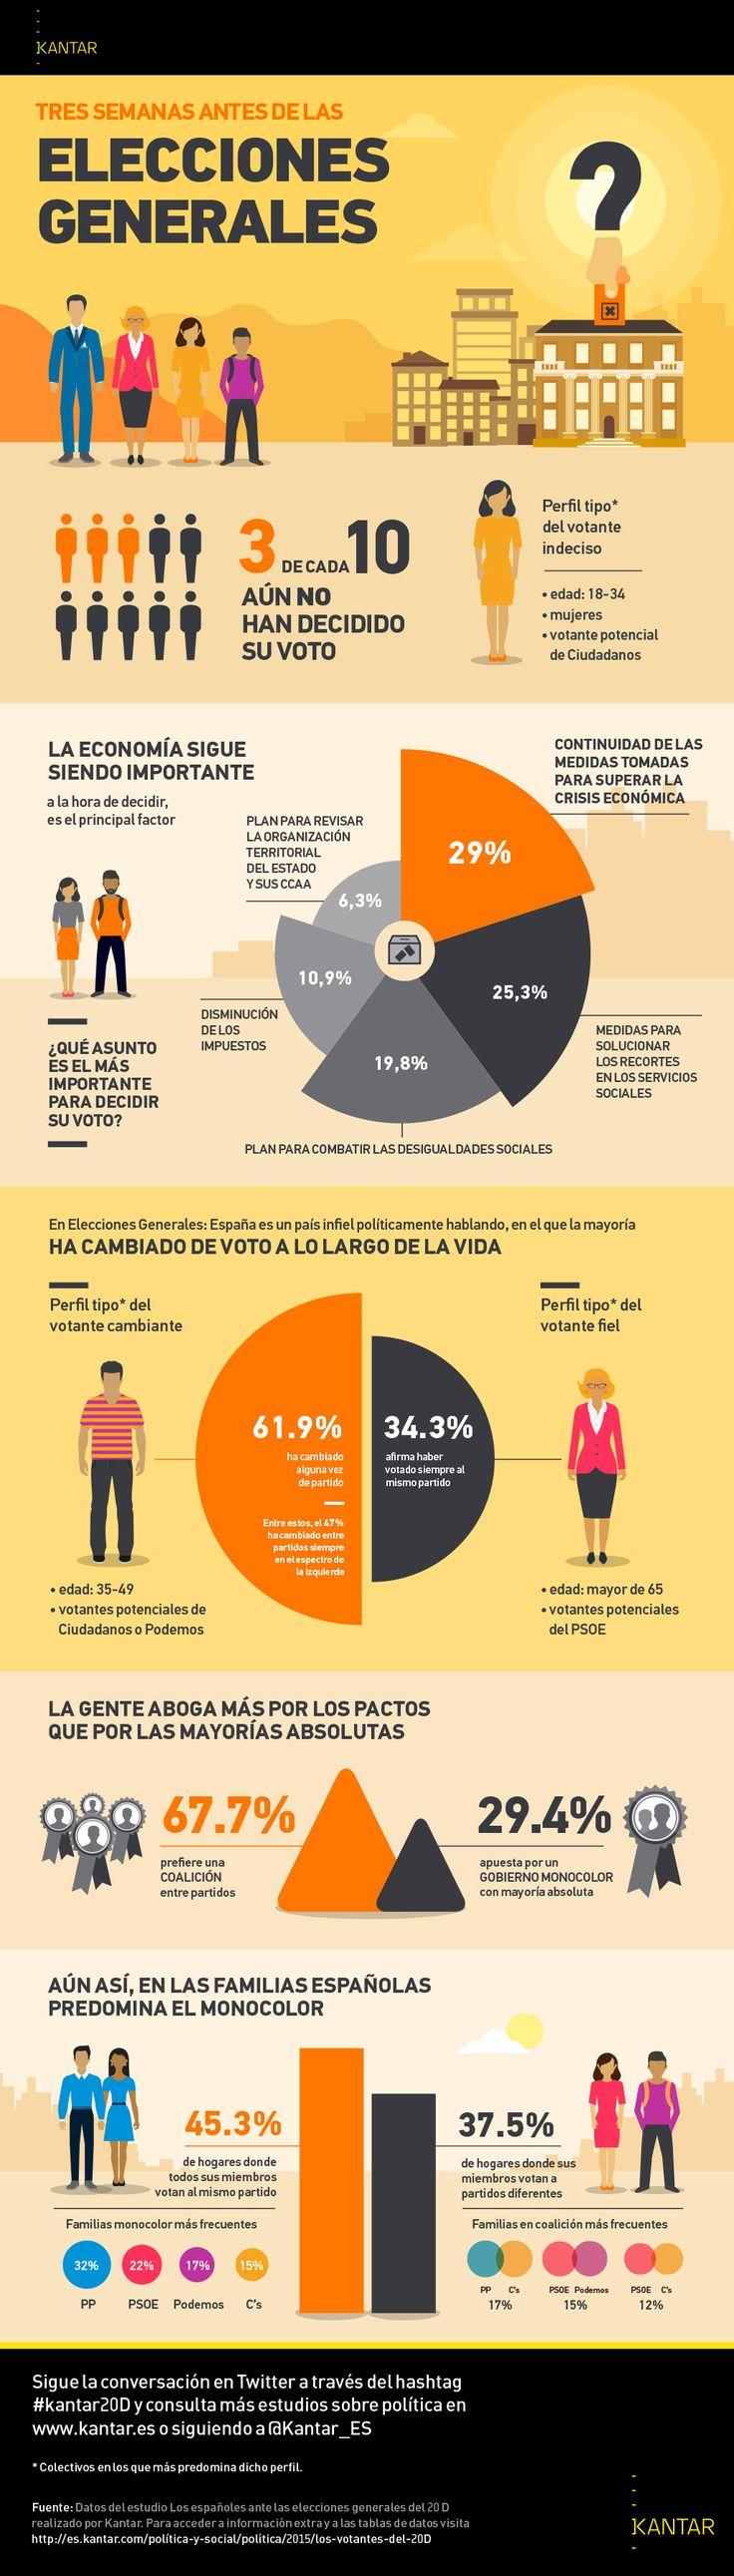 Spanish election dataviz. Infografía sobre las elecciones generales españolas publicada en Kantar Insights España